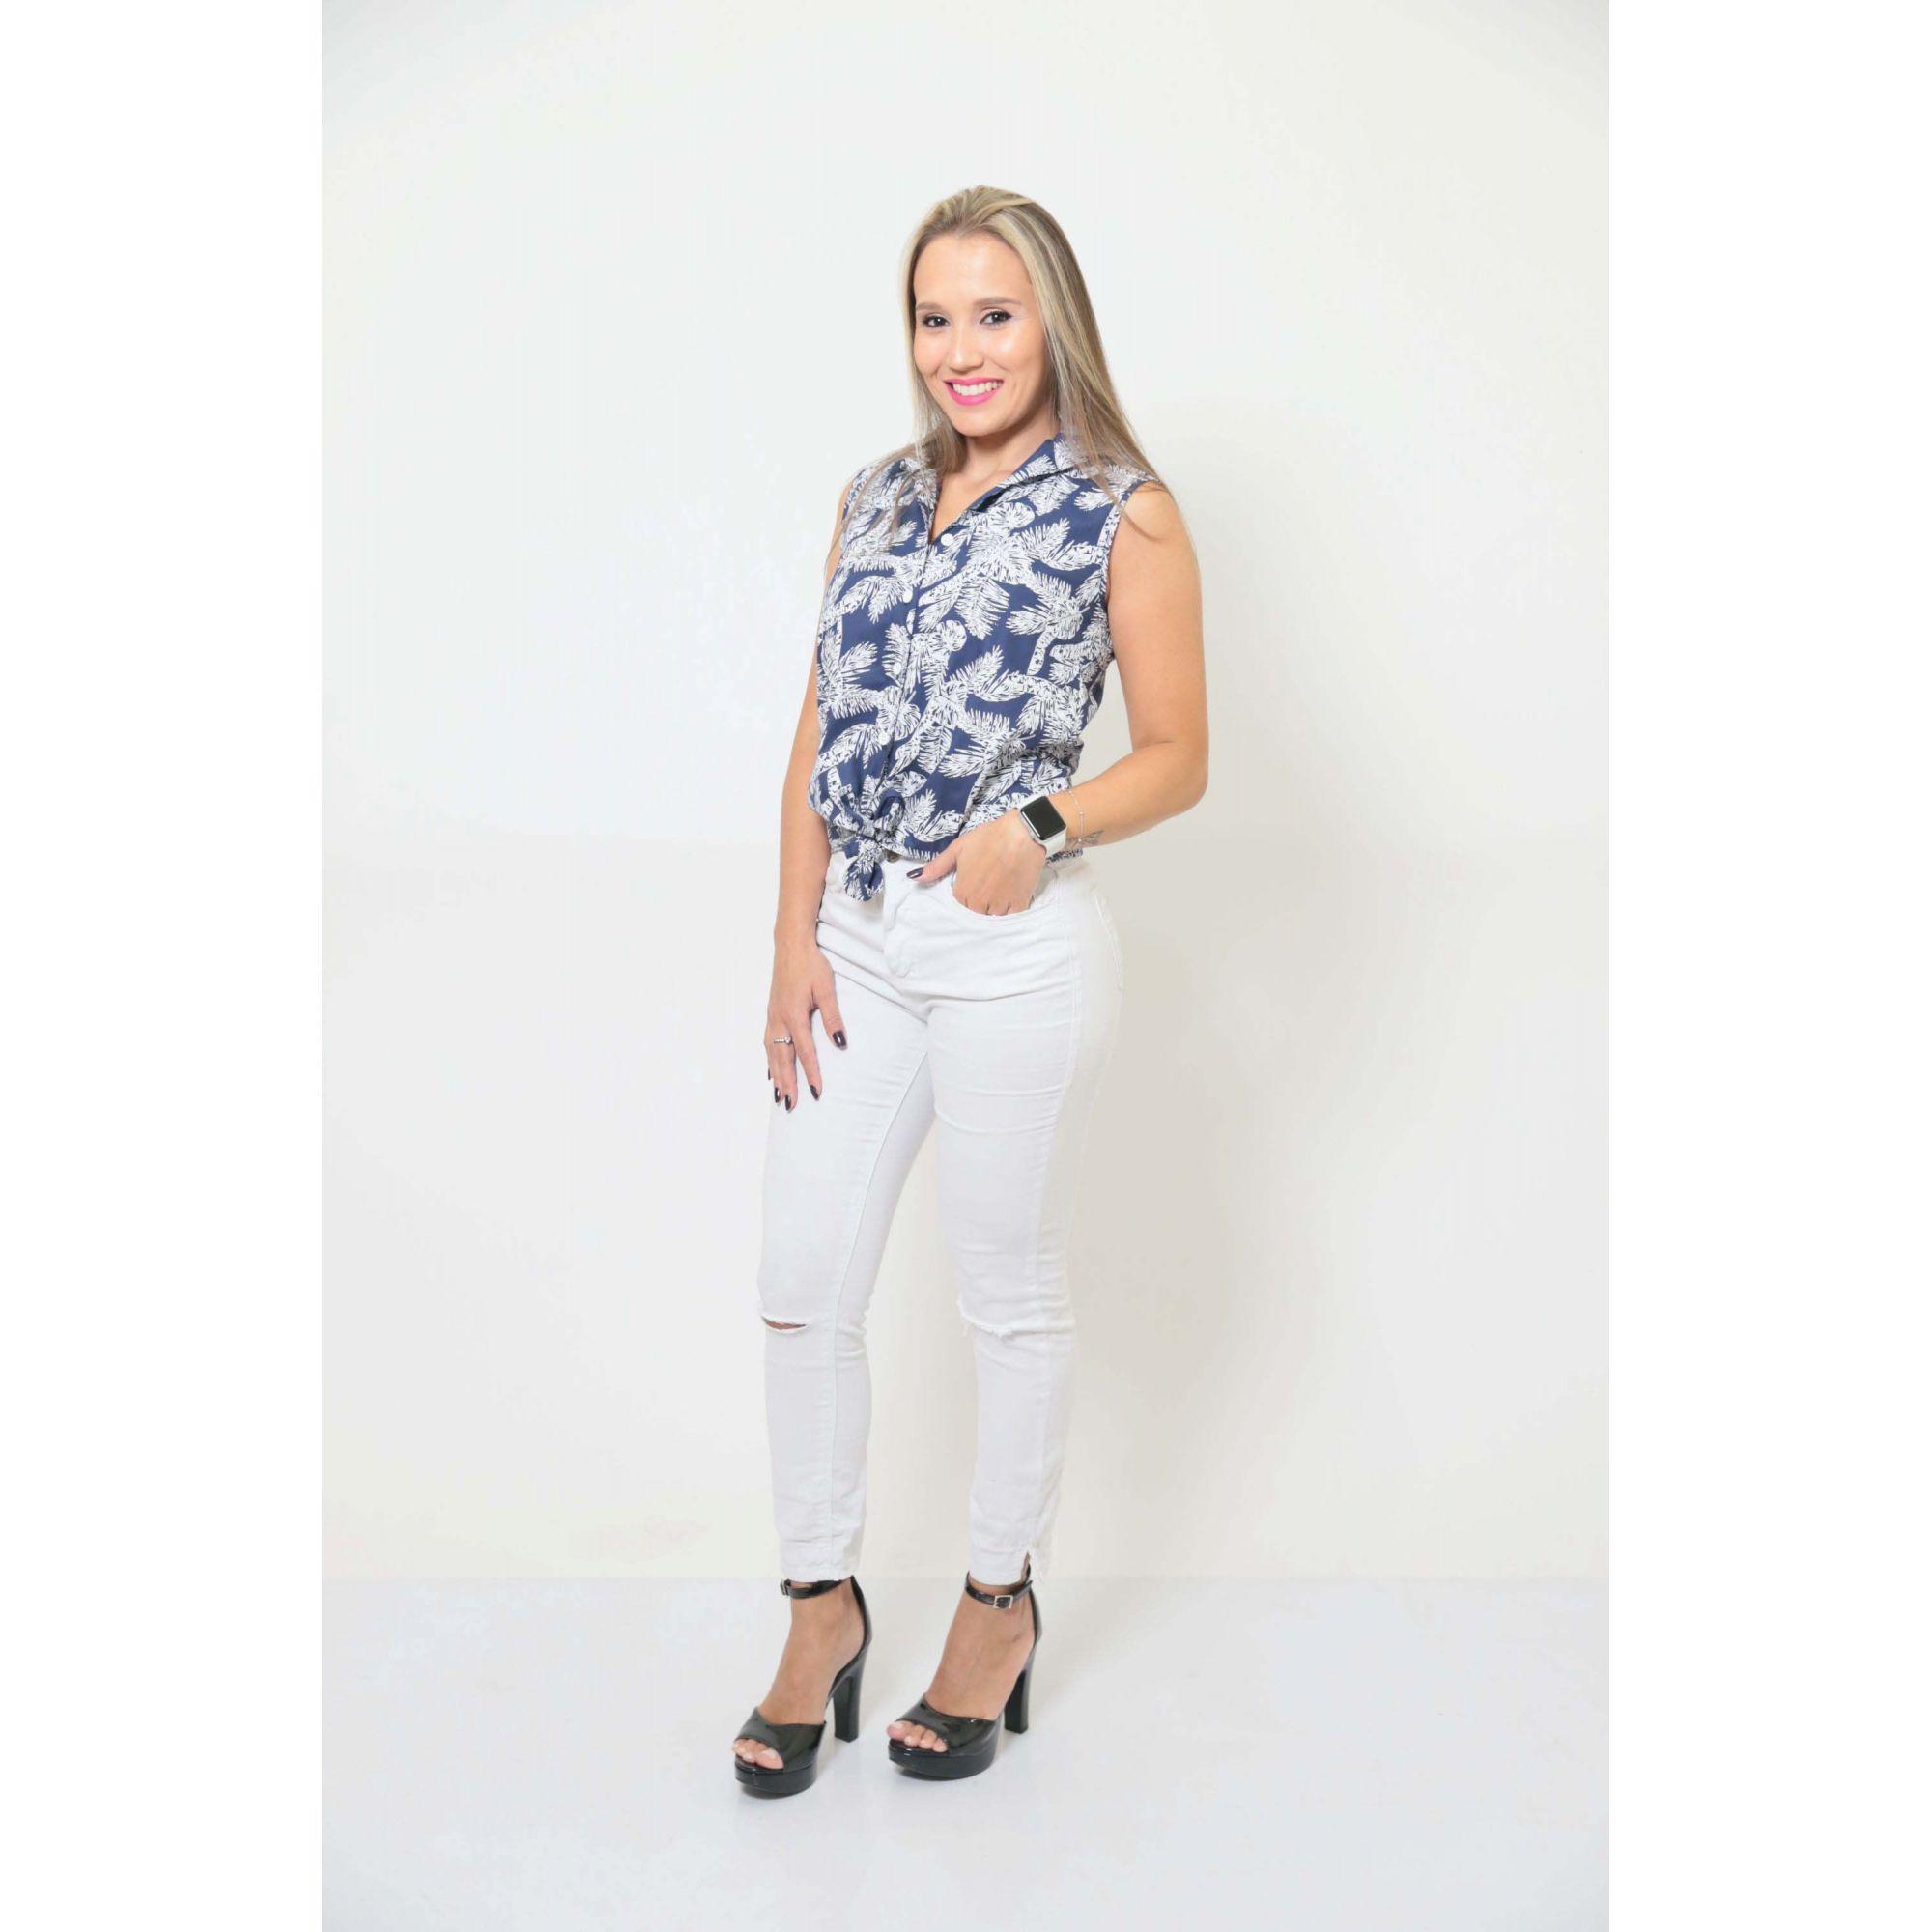 MÃE E FILHO > Kit 02 Camisas Social - Adulto e Infantil Azul Floresta [Coleção Tal Mãe Tal Filho]  - Heitor Fashion Brazil